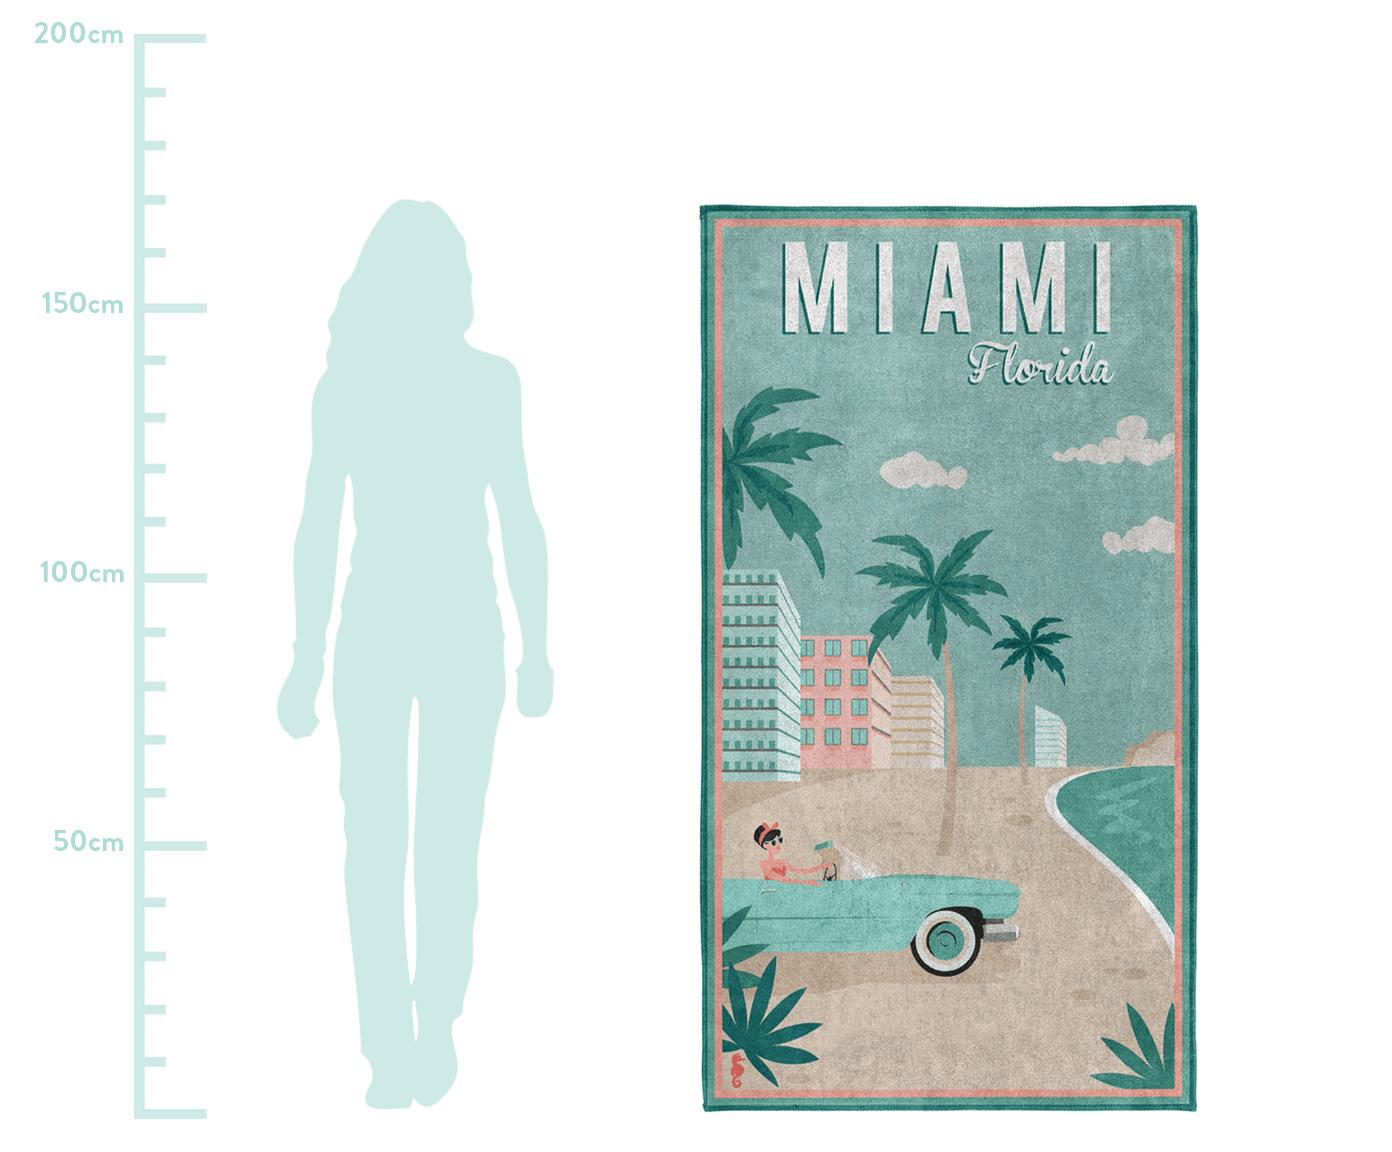 Ręcznik plażowy Miami, Egipska bawełna Średnia gramatura 420 g/m, Wielobarwny, S 90 x D 170 cm